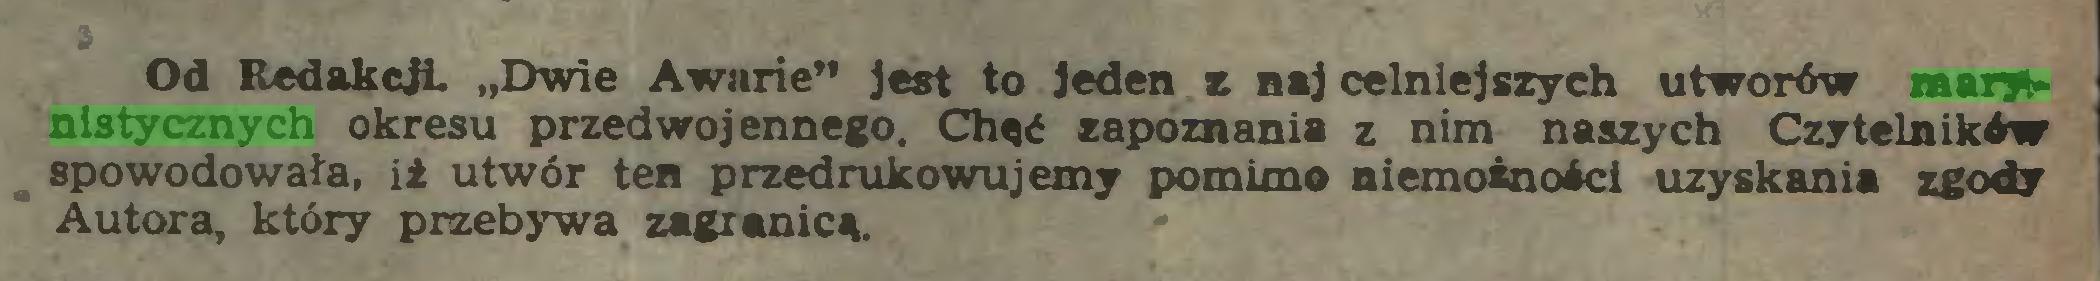 """(...) Od Redakcji """"Dwie Awarie"""" Jest to jeden z naj celniejszych utworów marynistycznych okresu przedwojennego. Chęć zapoznania z nim naszych Czytelników spowodowała, iż utwór ten przedrukowujemy pomimo niemożności uzyskania zgody Autora, który przebywa zagranicą..."""